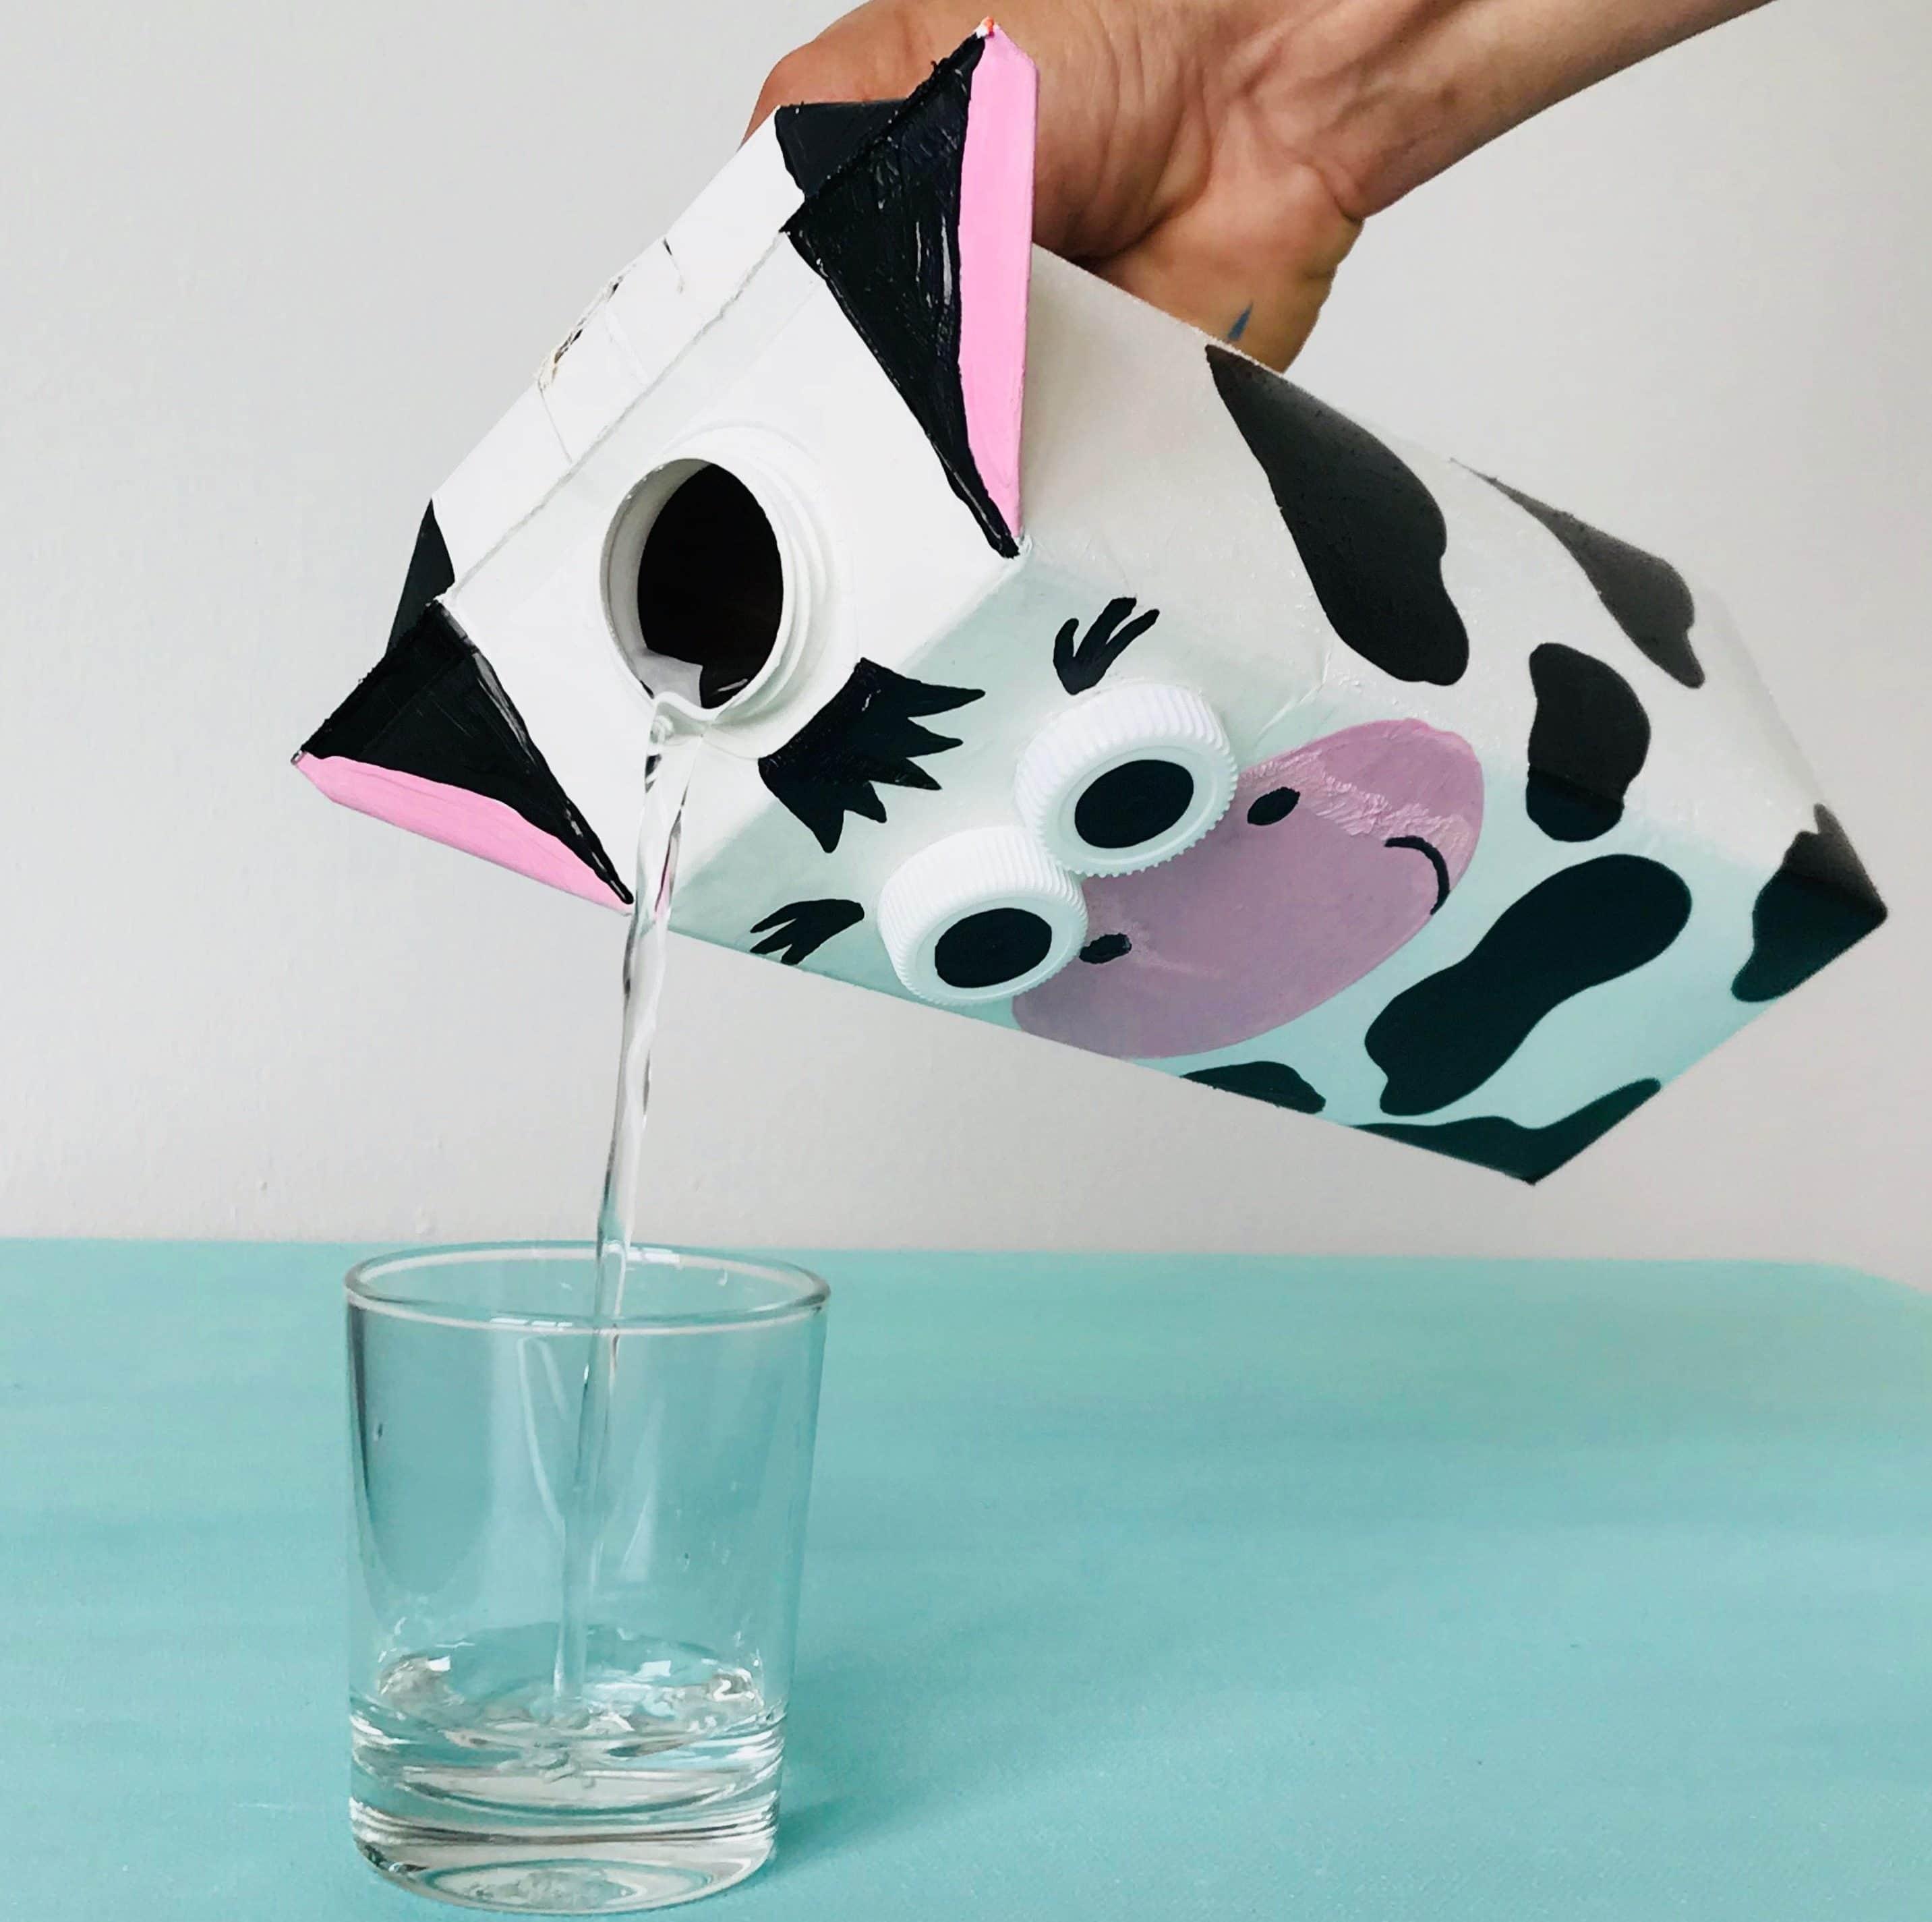 basteln-aus-tetrapacks-gießkanne-aus-milchkarton-selber-machen-